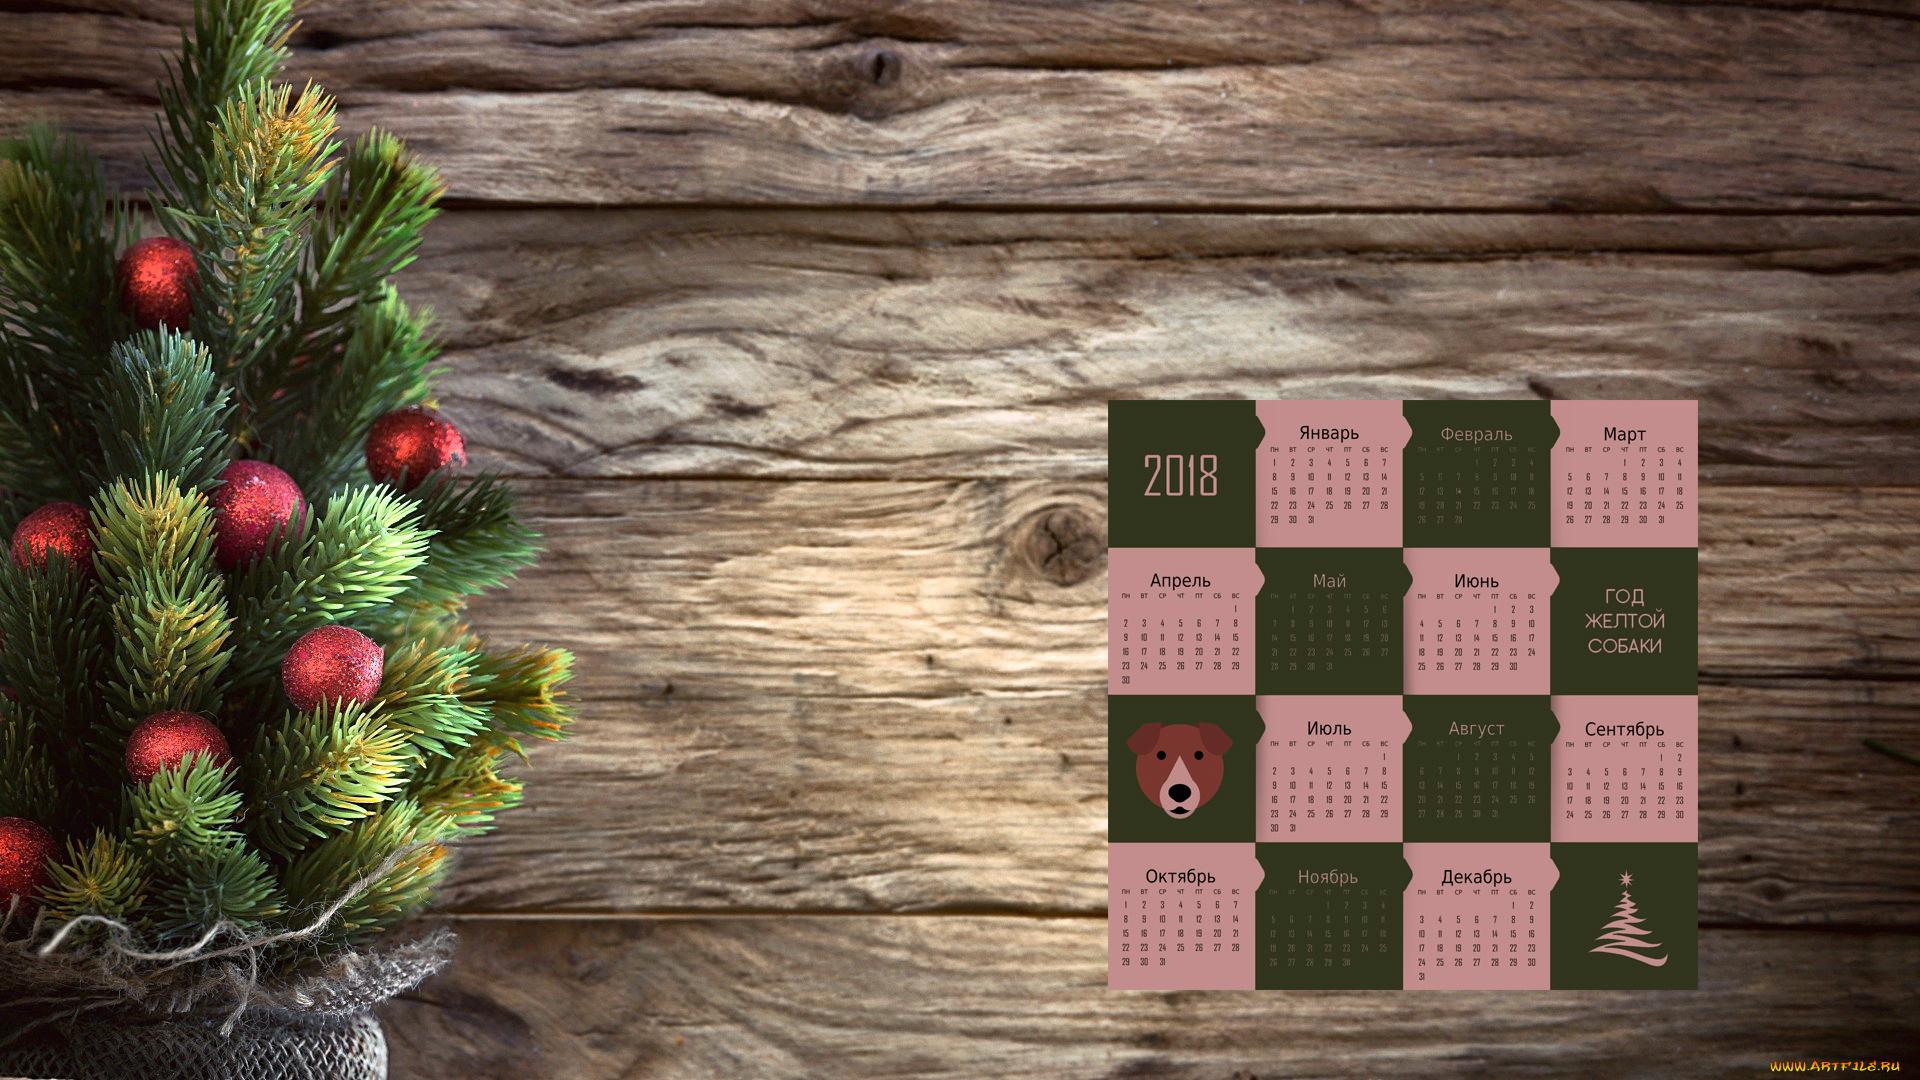 Новогодние картинки с календарем 2018